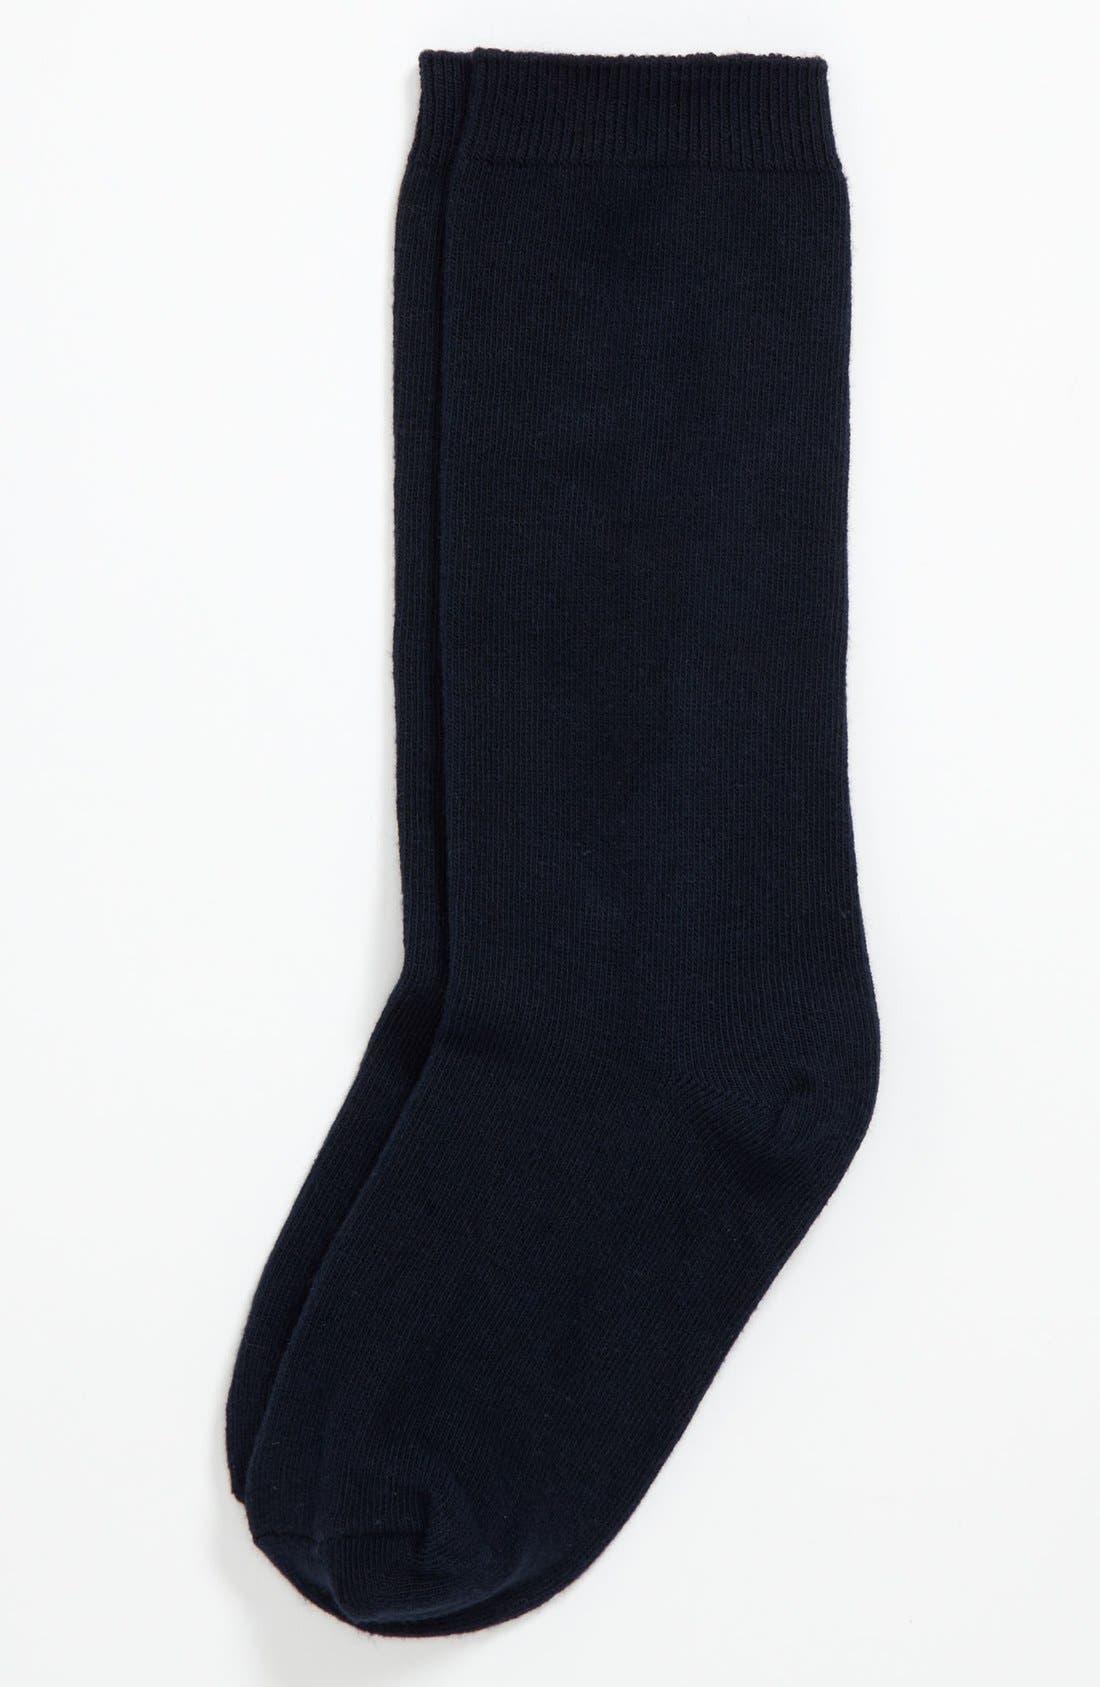 Alternate Image 1 Selected - Nordstrom Knee High Socks (2-Pack) (Little Girls & Big Girls)